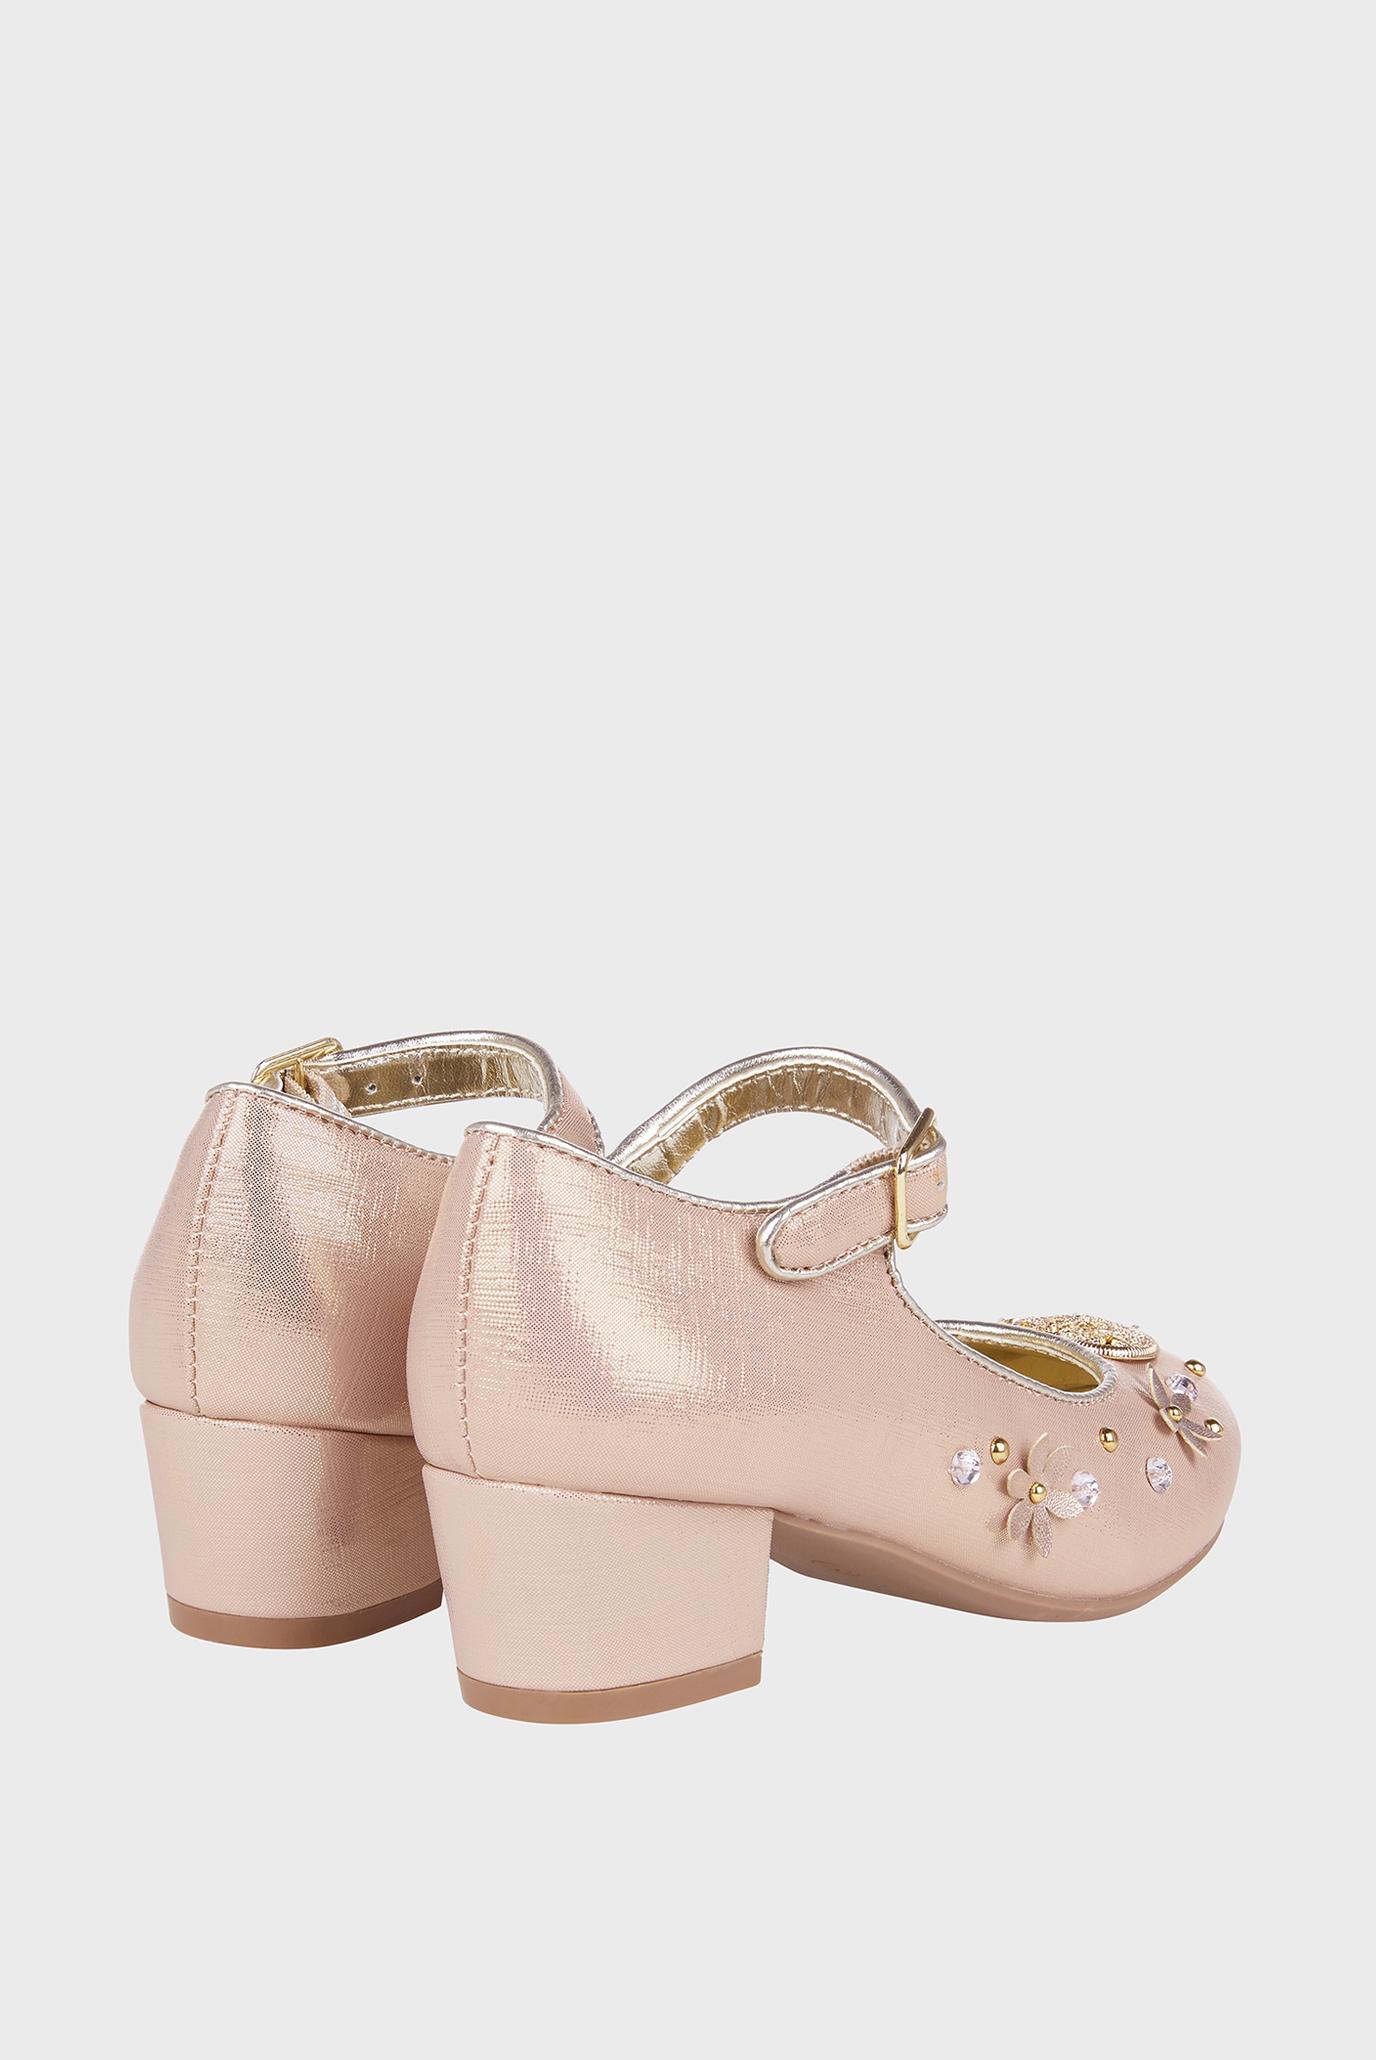 46356a6b Купить Детские розовые туфли Monsoon Children Monsoon Children 311032 – Киев,  Украина. Цены в интернет магазине MD Fashion